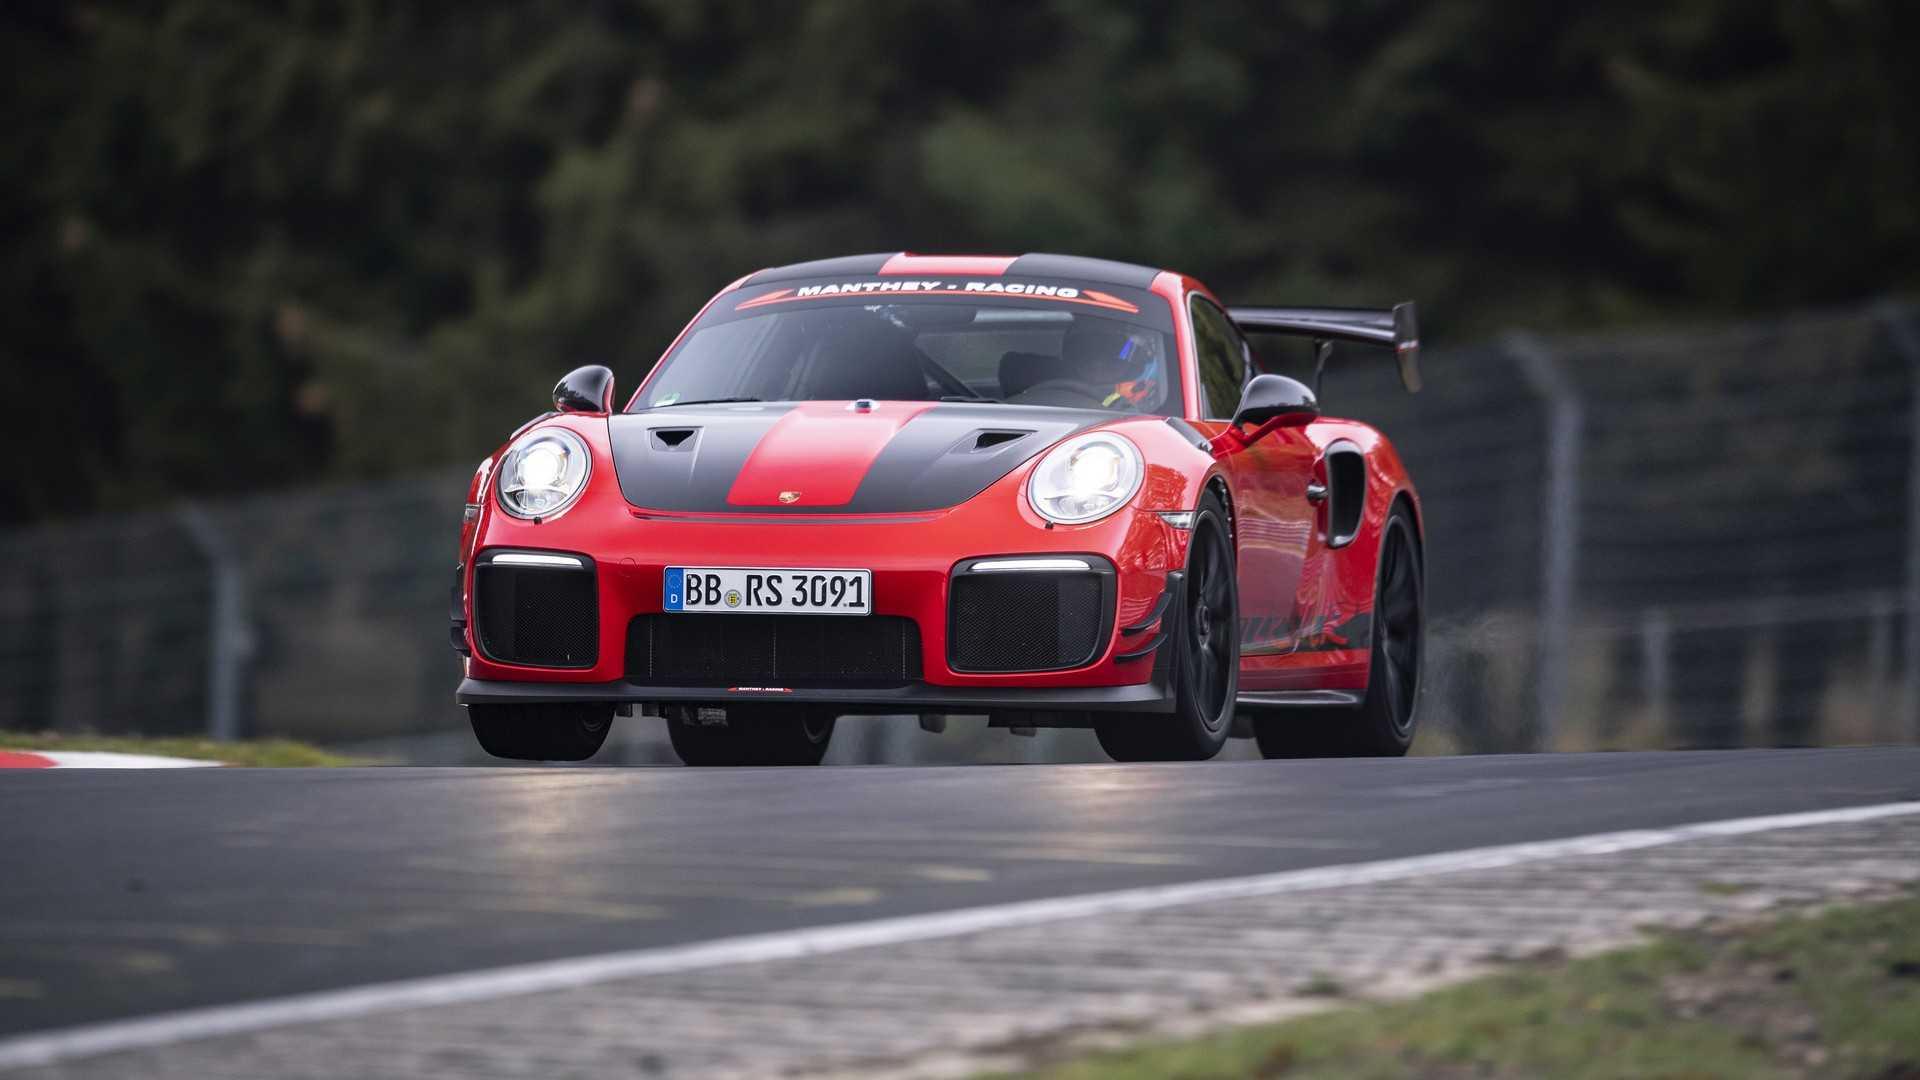 Новый суперкар Porsche побил рекорд Нюрбургринга